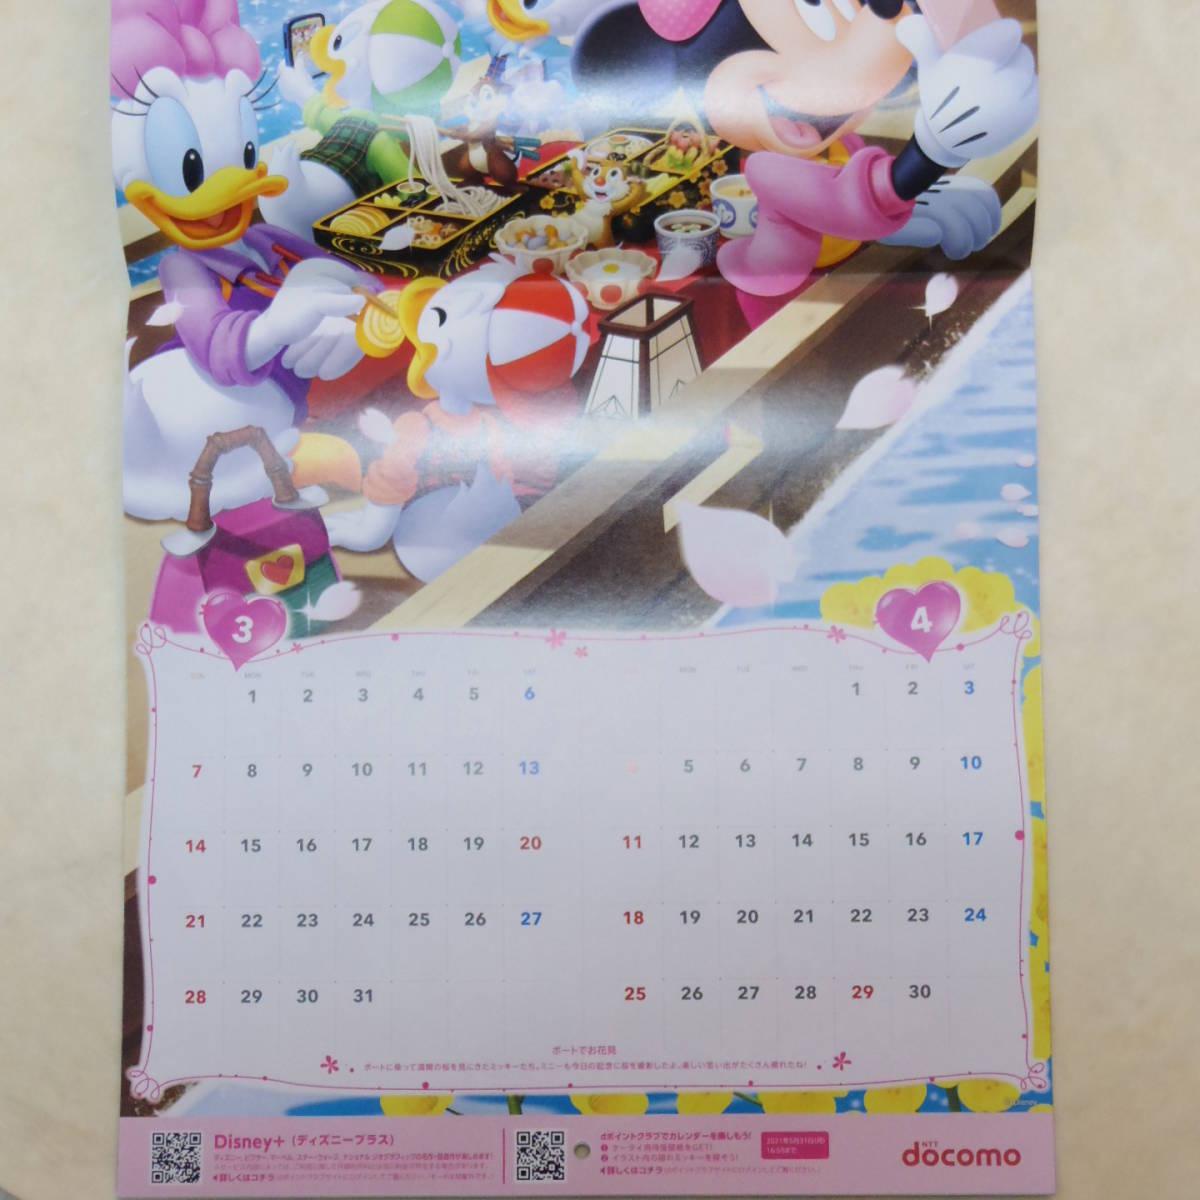 ▲docomo ドコモ d POINT CLUB Calendar 2021 ディズニー カレンダー 非売品 未使用 壁掛け 2021年 ミッキー ミニー ドナルド グッズ_画像5